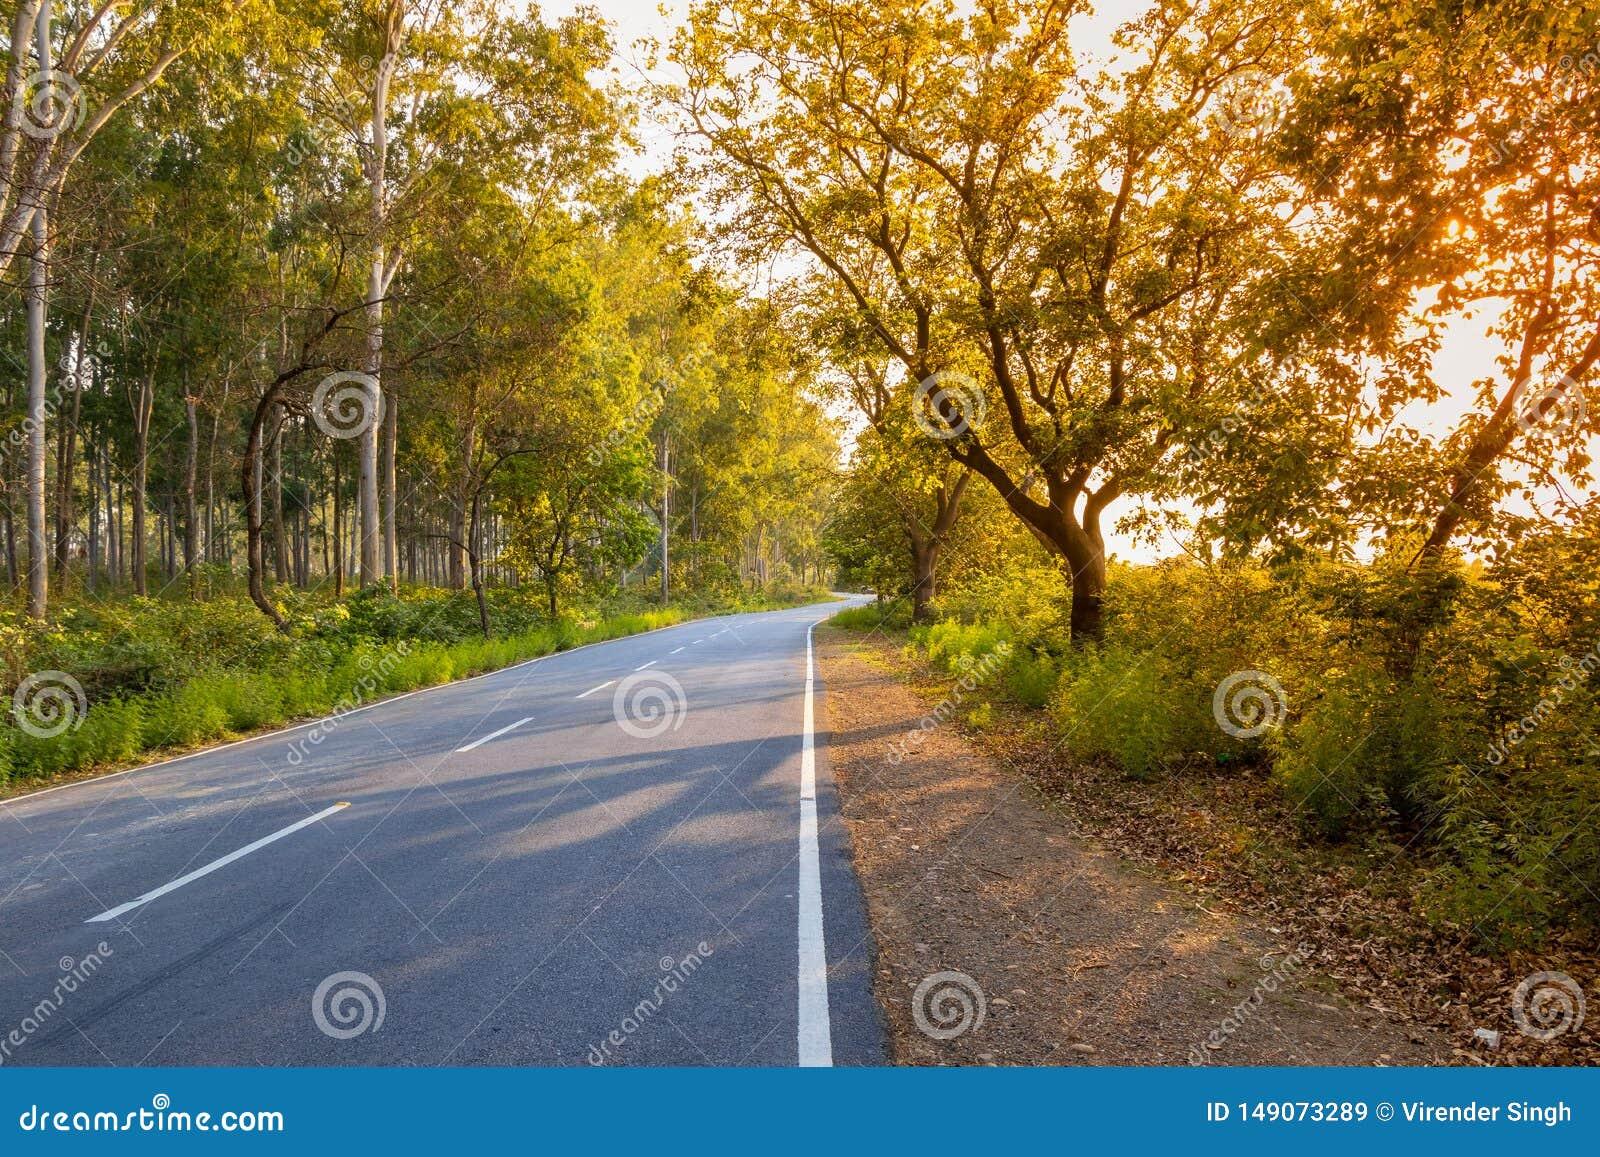 Estrada ou estrada s? atrav?s das ?rvores